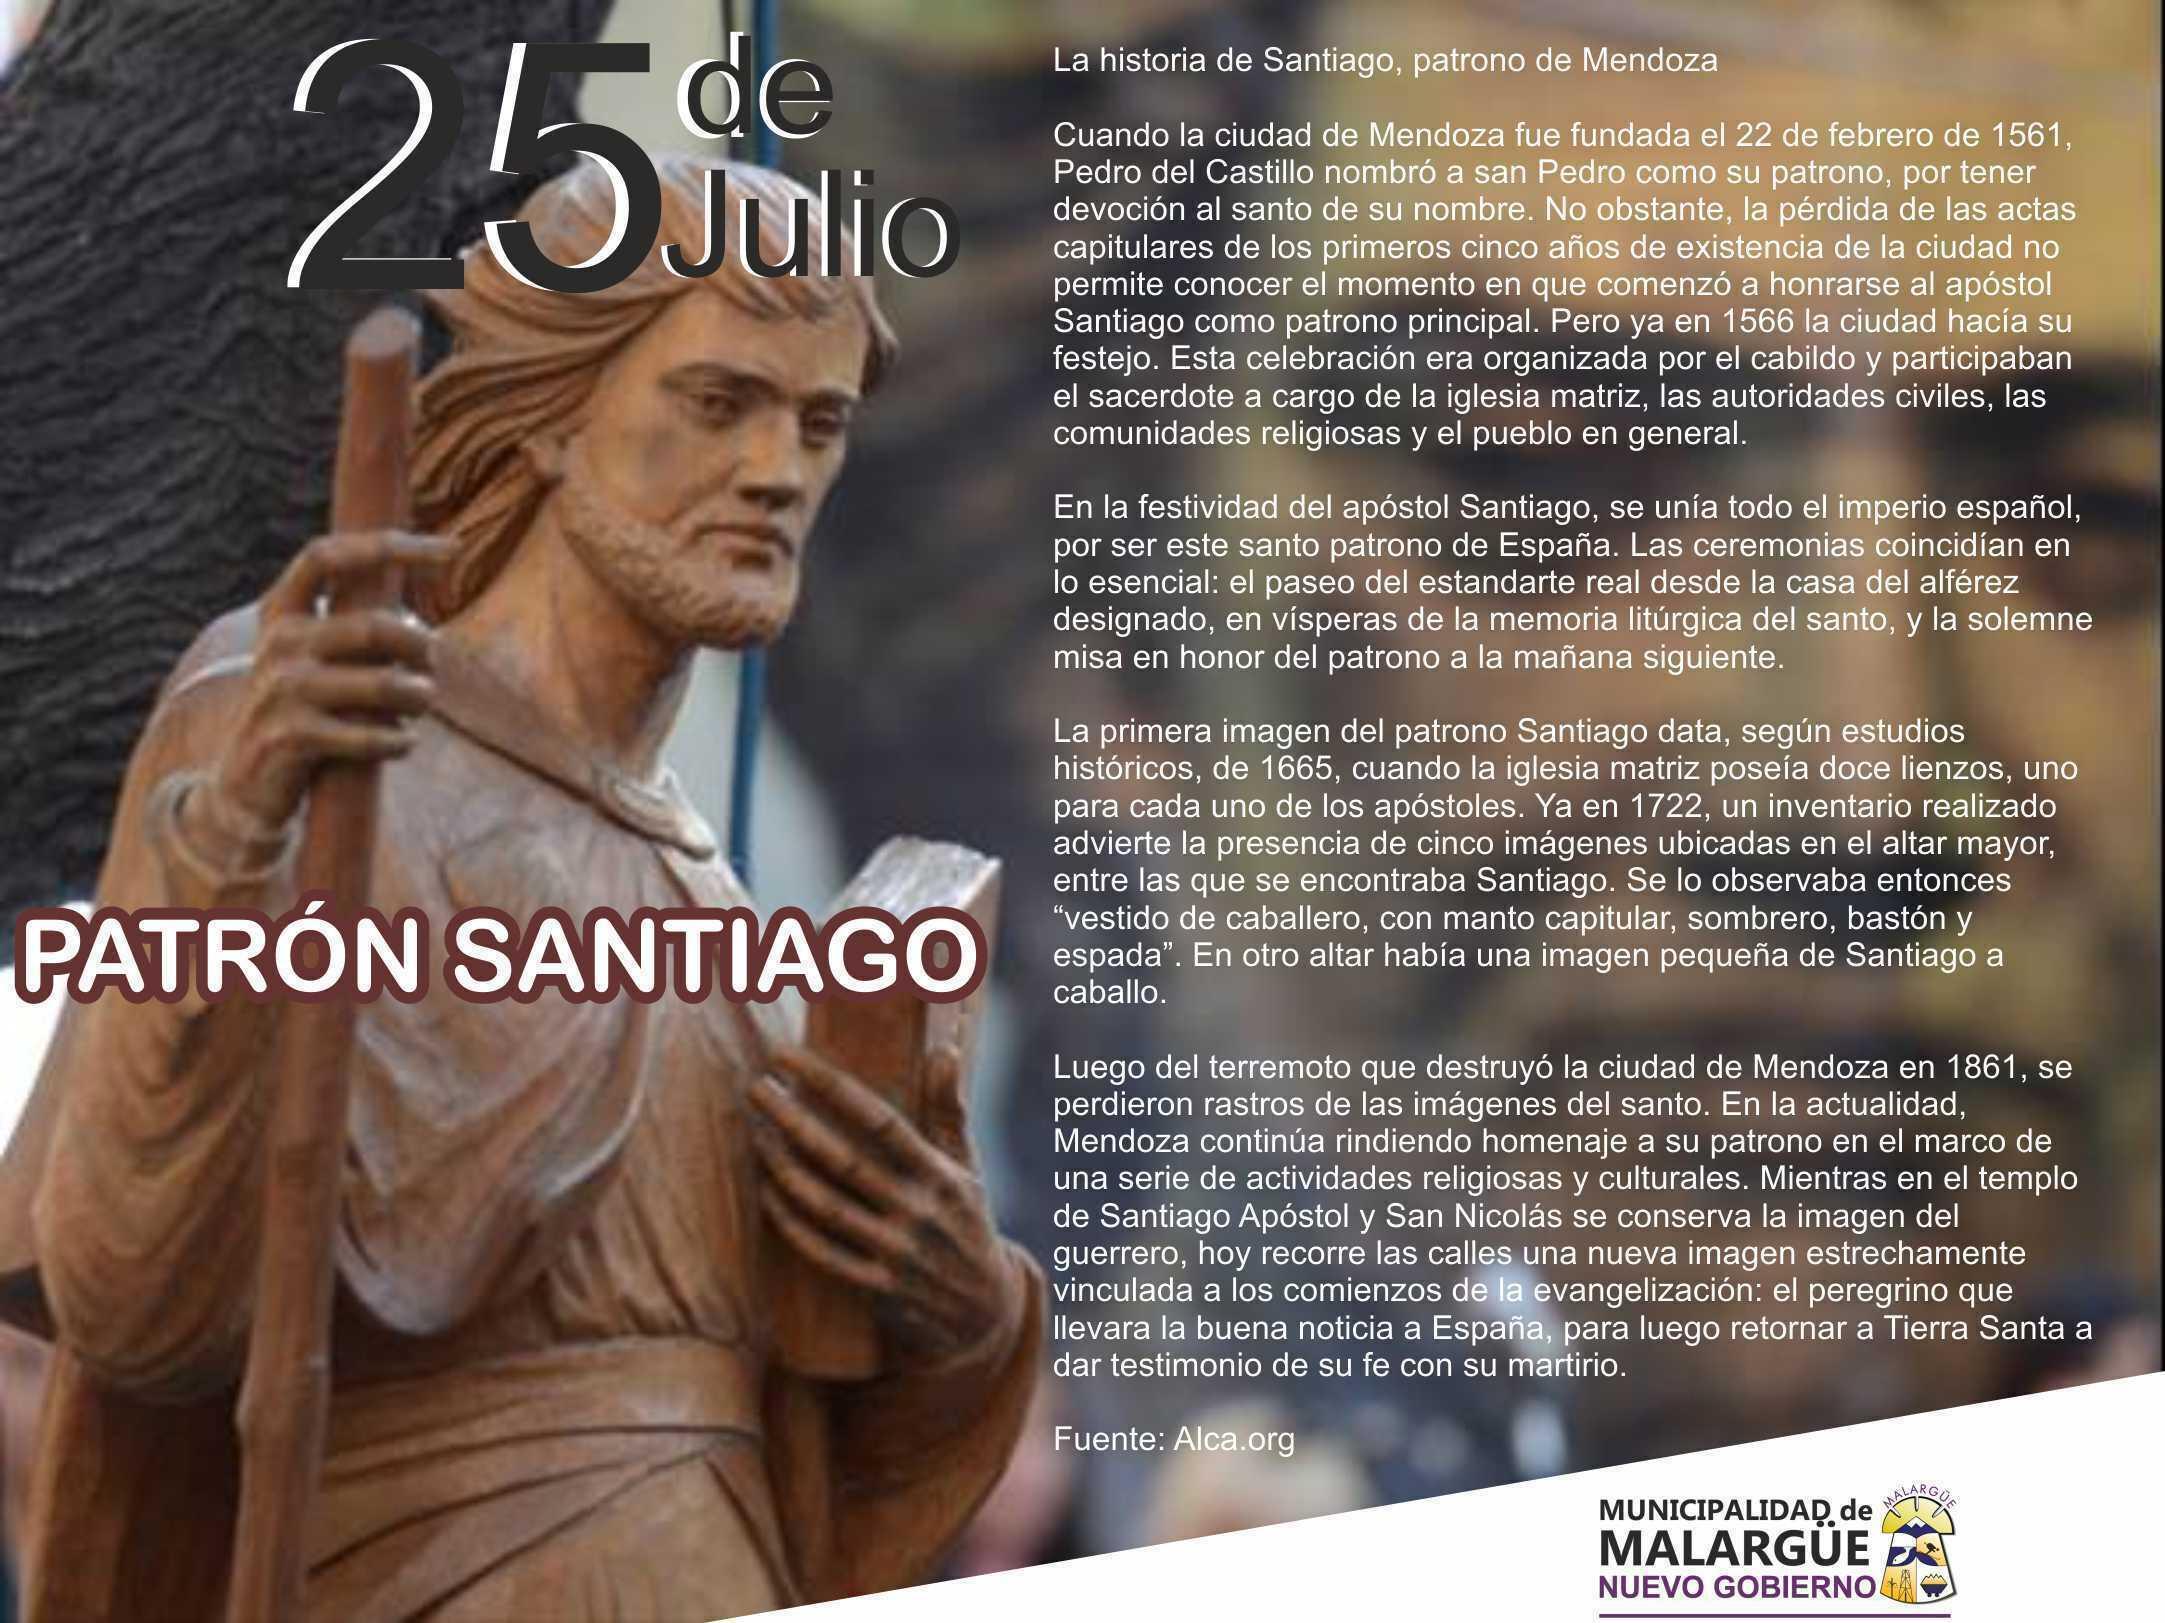 25 de Julio La Historia de Santiago, Patrono de Mendoza